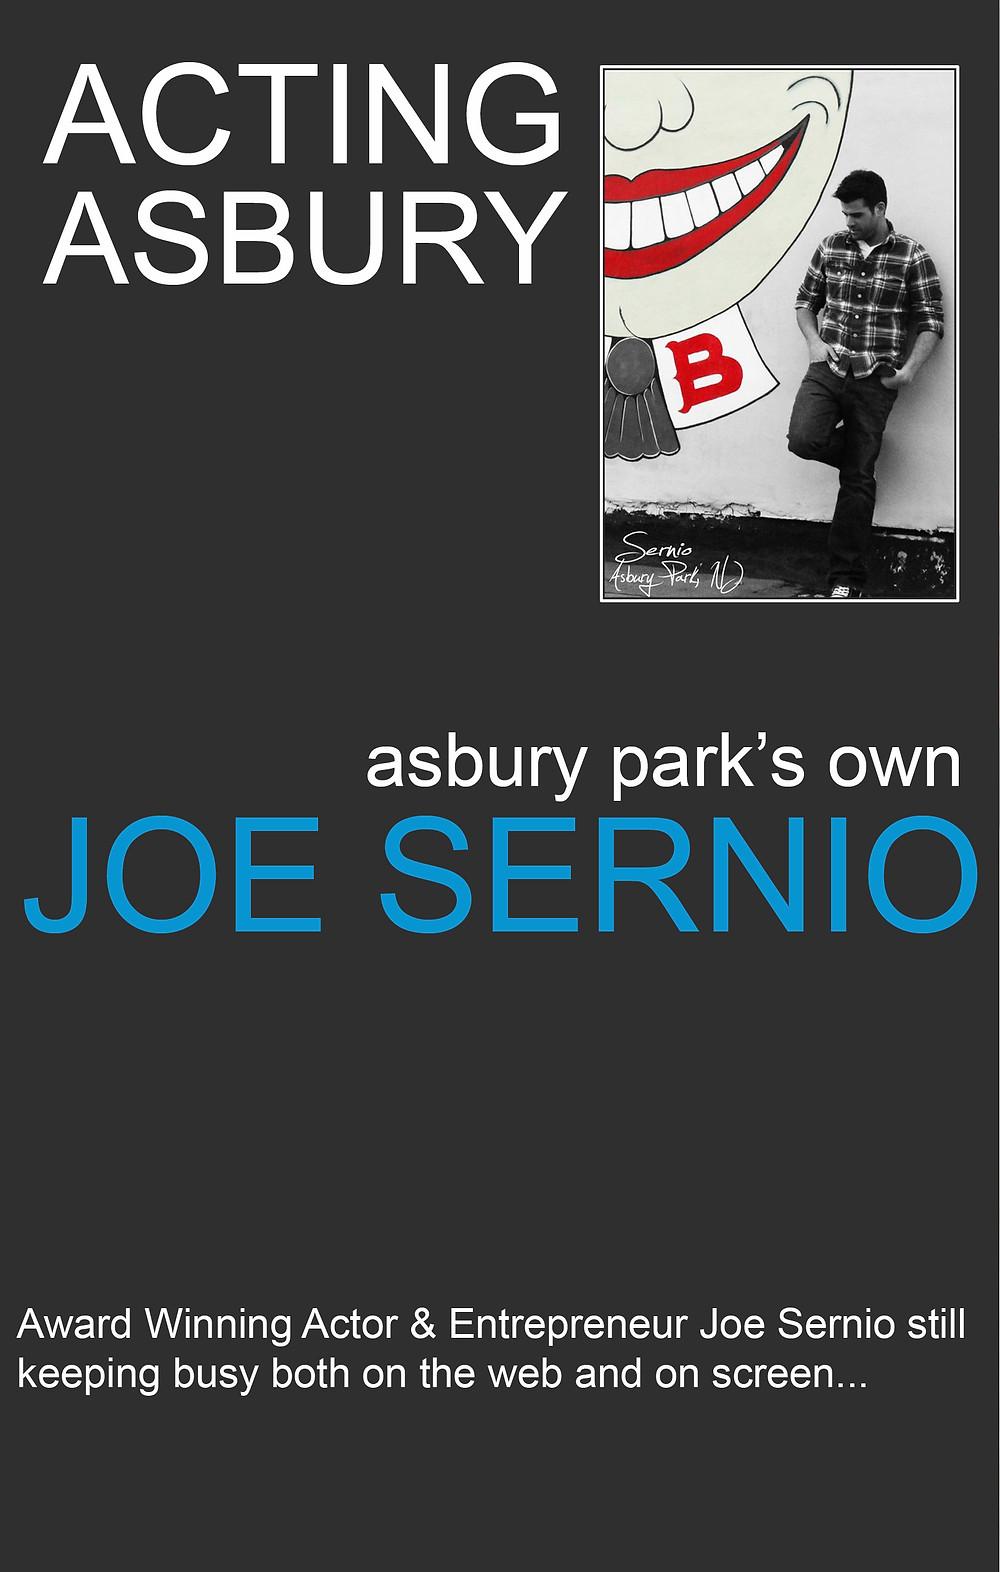 Joe Sernio Shoreline Media